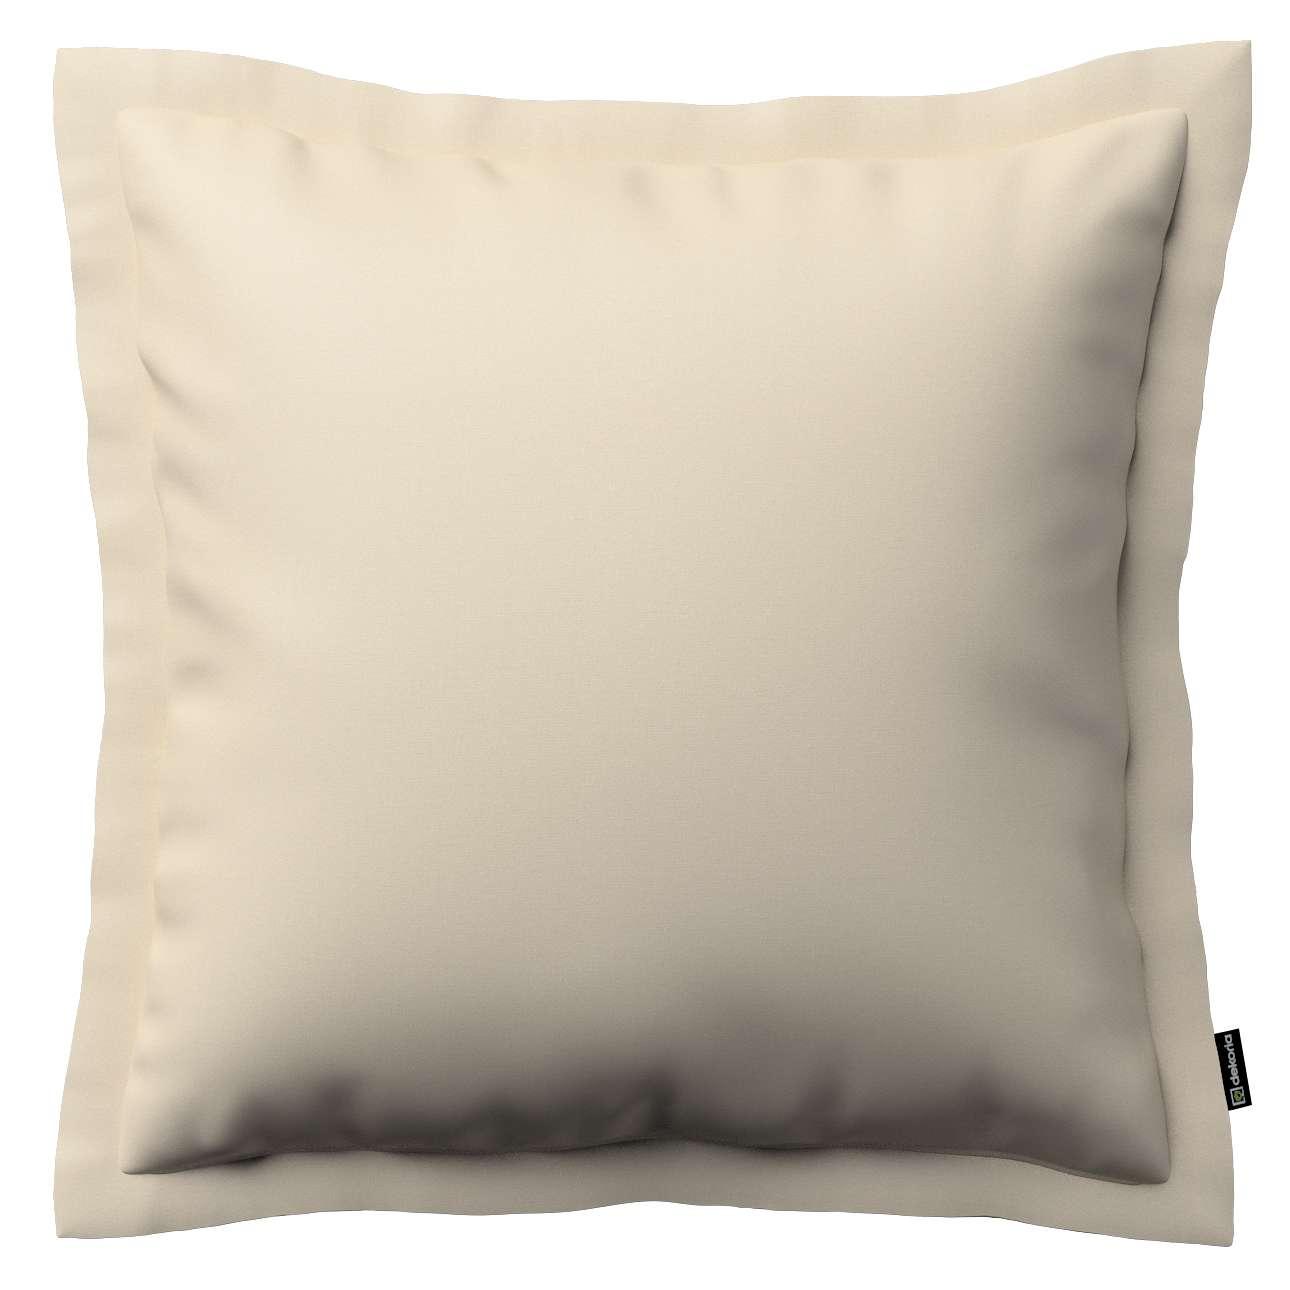 Poszewka Mona na poduszkę w kolekcji Damasco, tkanina: 141-73